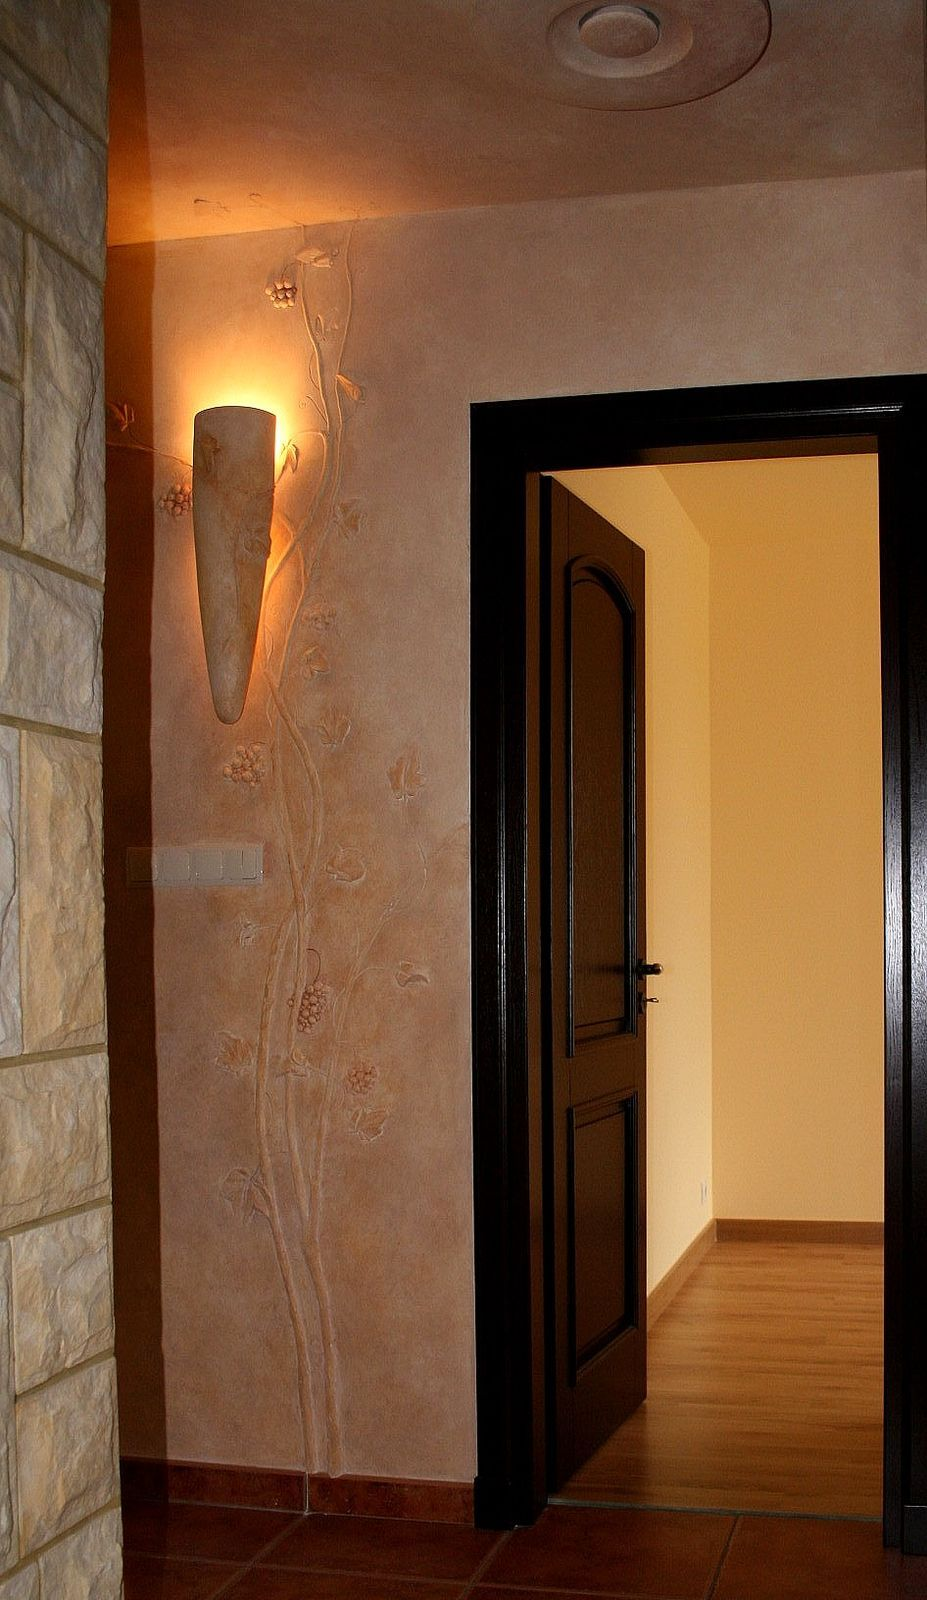 Wandrelieflampe - Deckenlampe - Tupftechnik